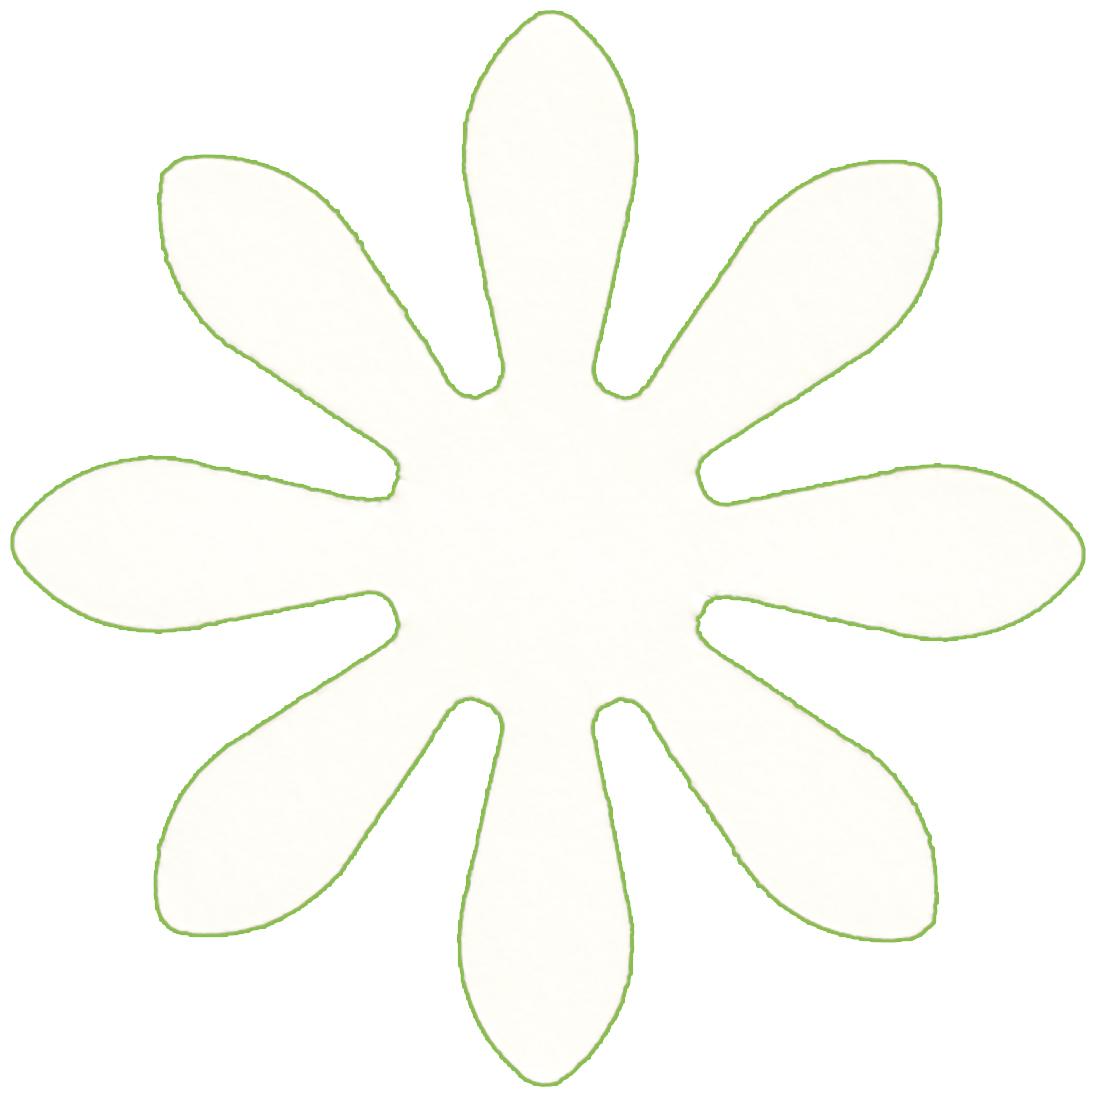 Ромашки из бумаги своими руками (схемы, шаблоны) Остров доброй надежды 26